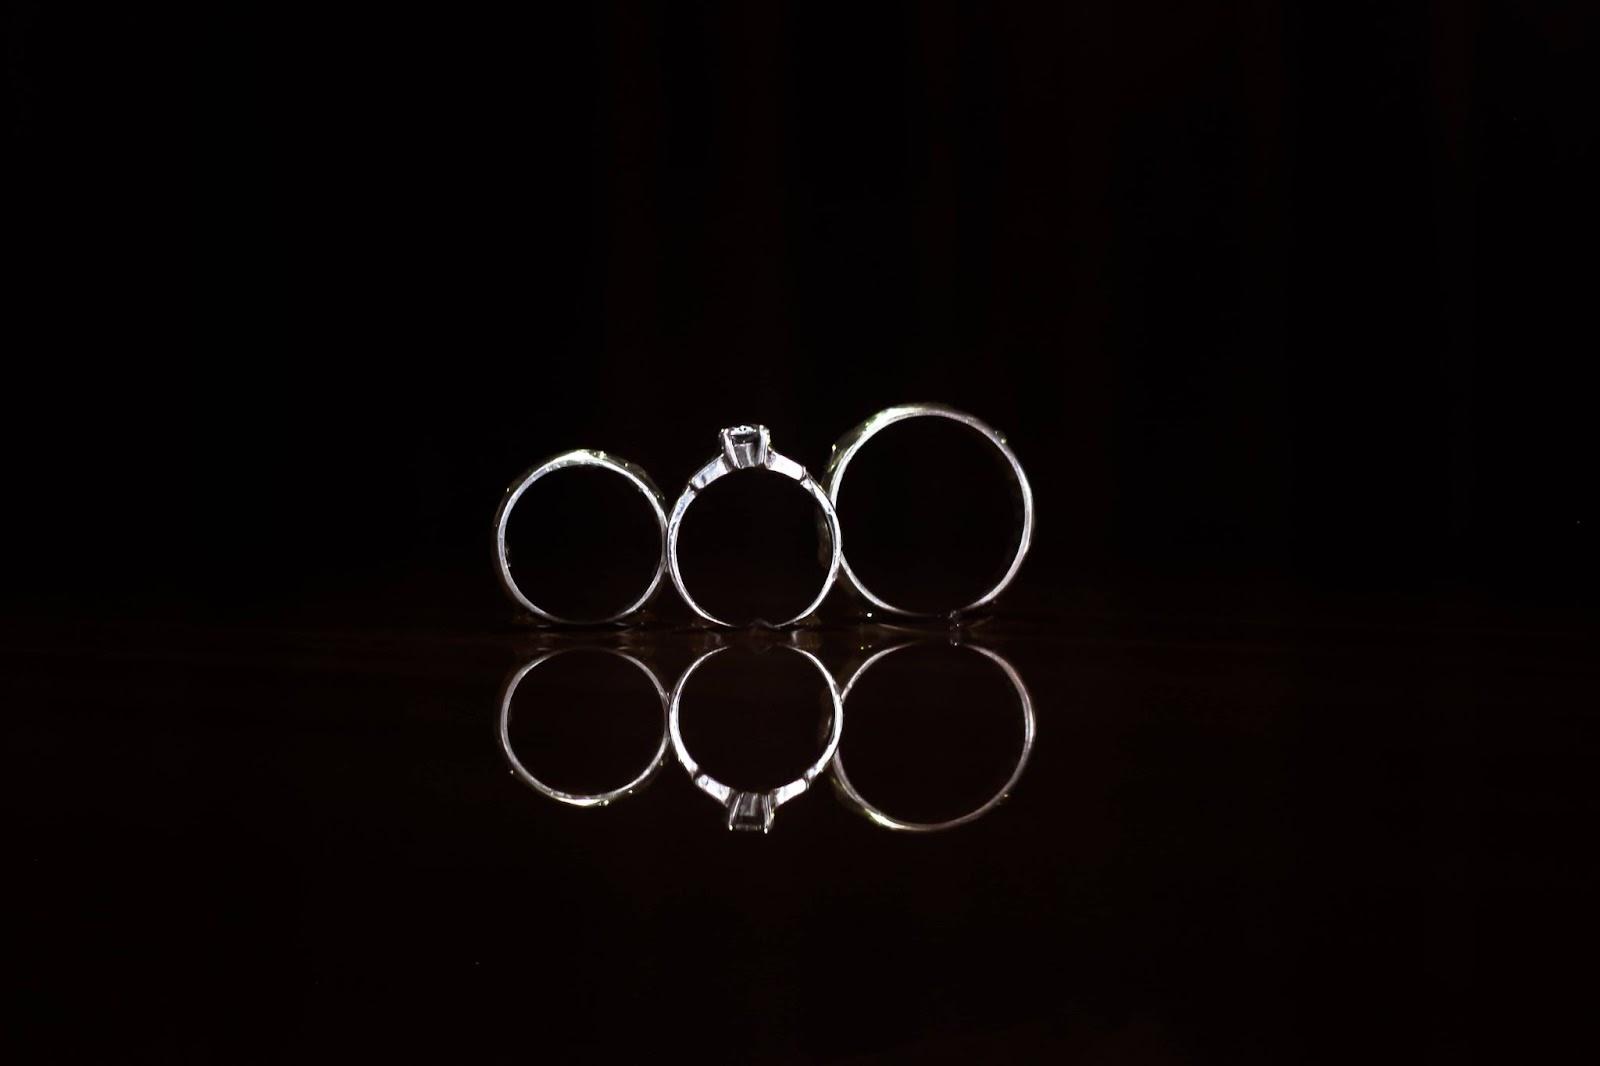 3-anelli-bianchi-su-sfondo-nero